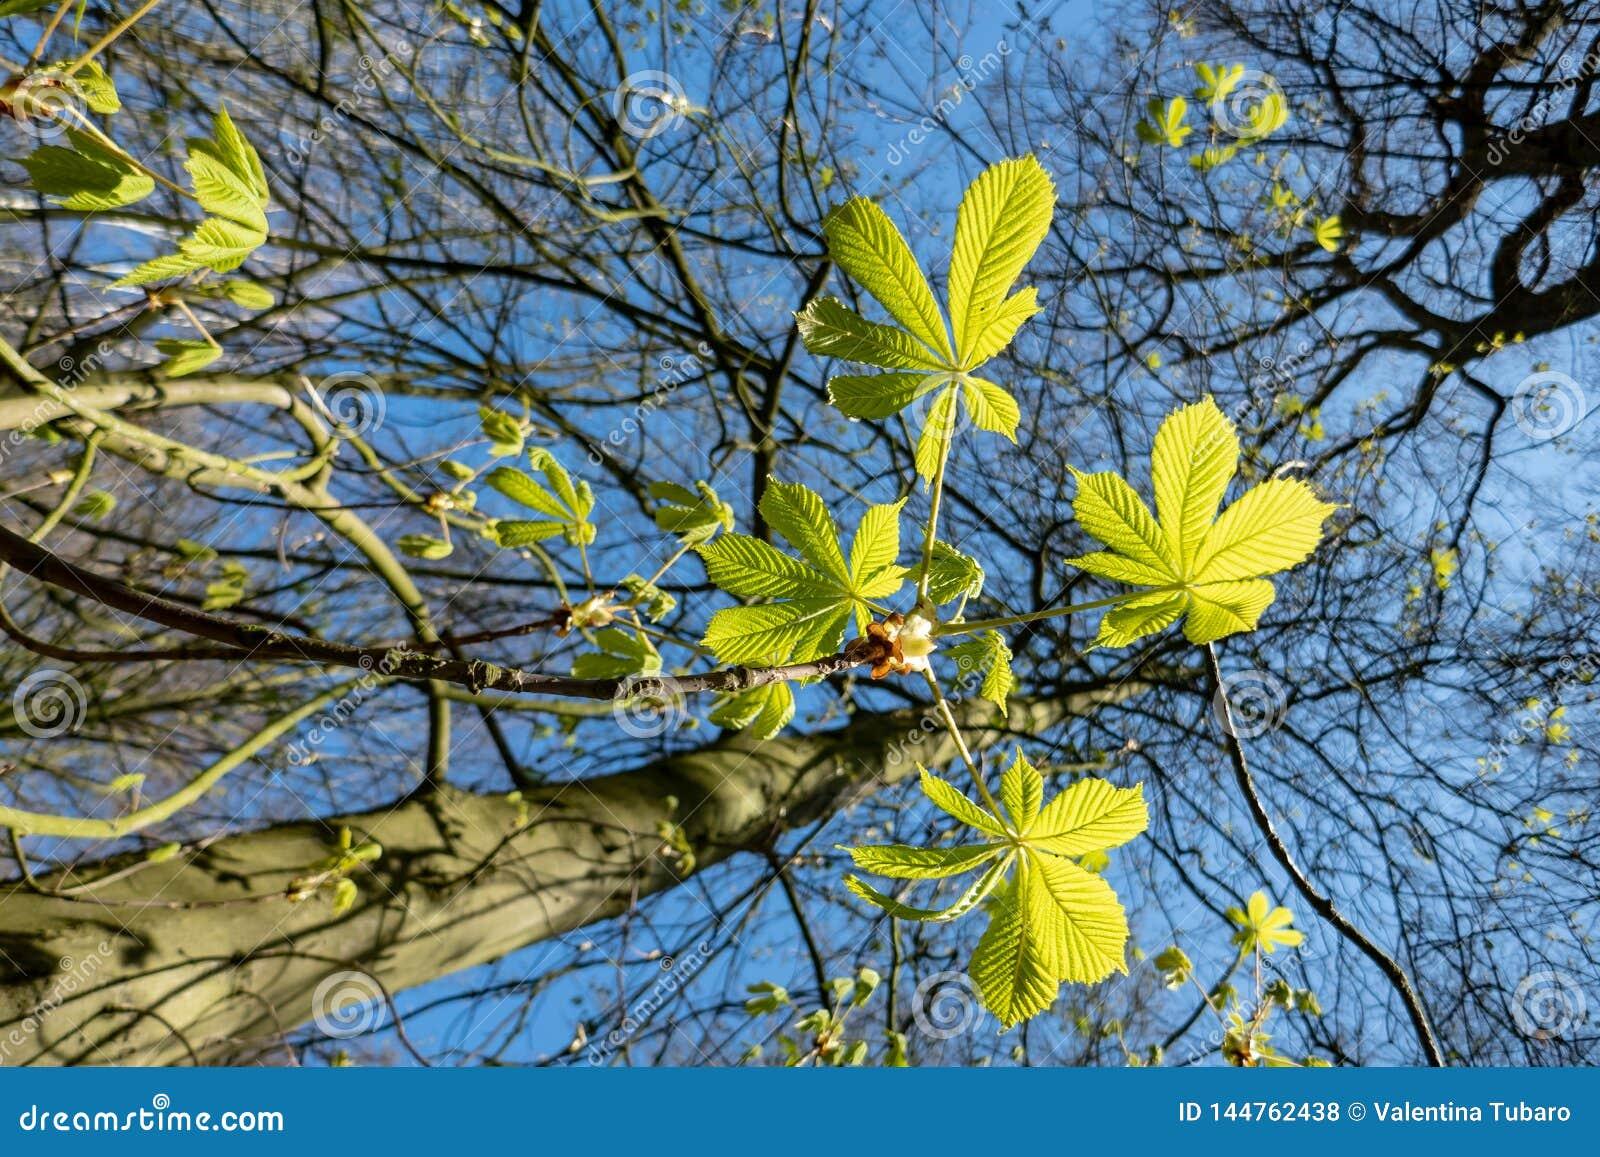 La primavera se va de la castaña de caballo y del cielo azul